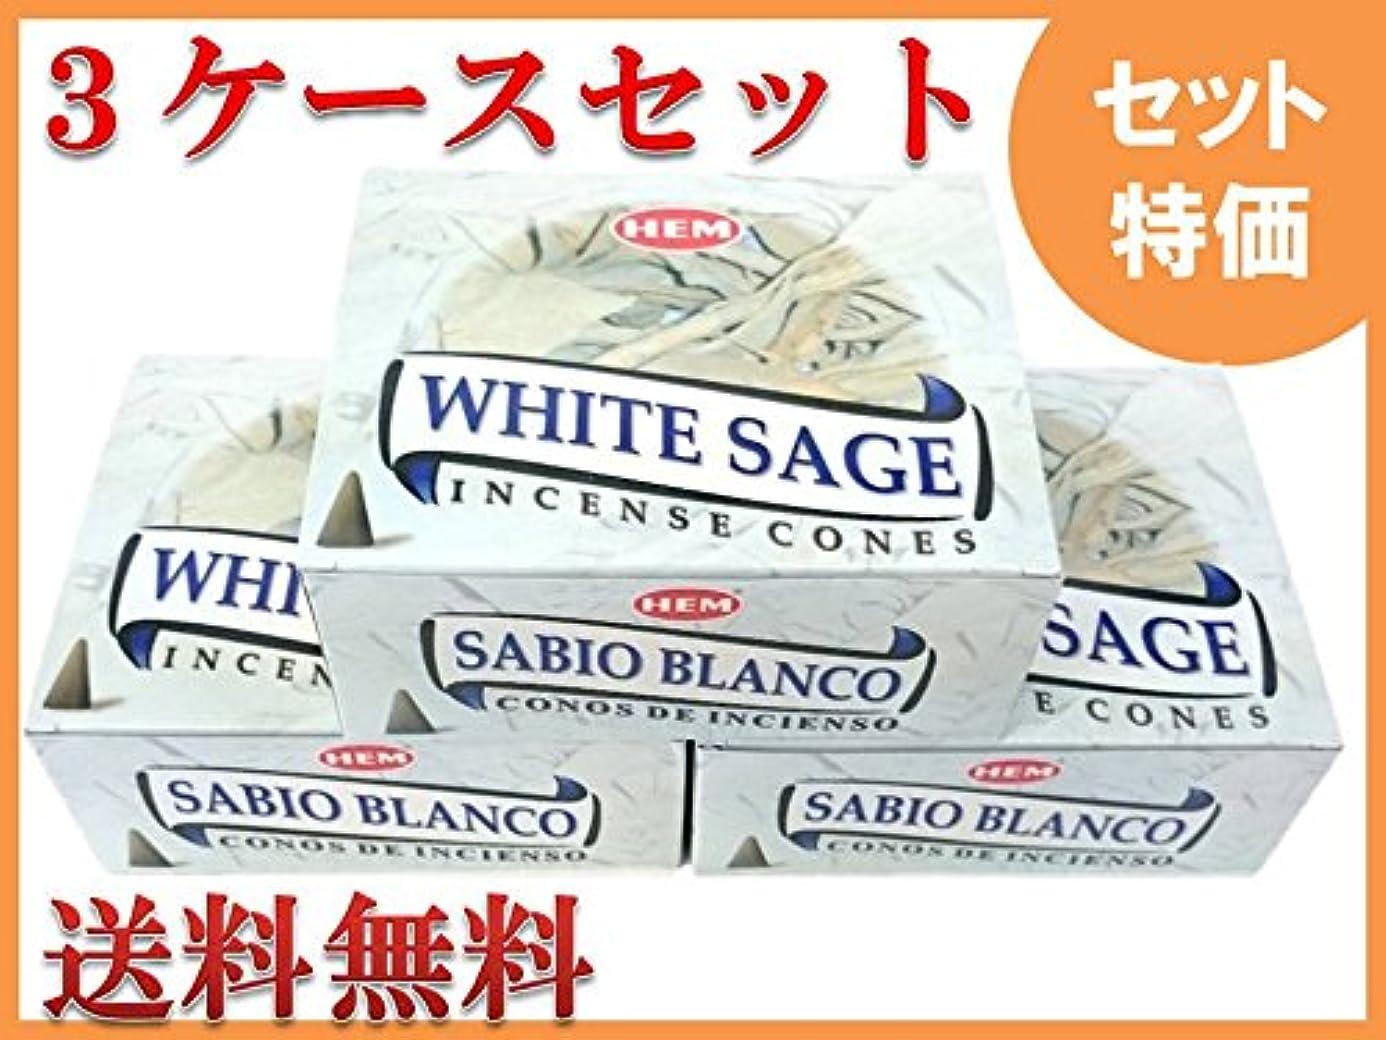 ナンセンス富豪英語の授業がありますHEM(ヘム)お香コーン:ホワイトセージ 3ケース(36箱)セット/お香コーン/HEMホワイトセージコーン